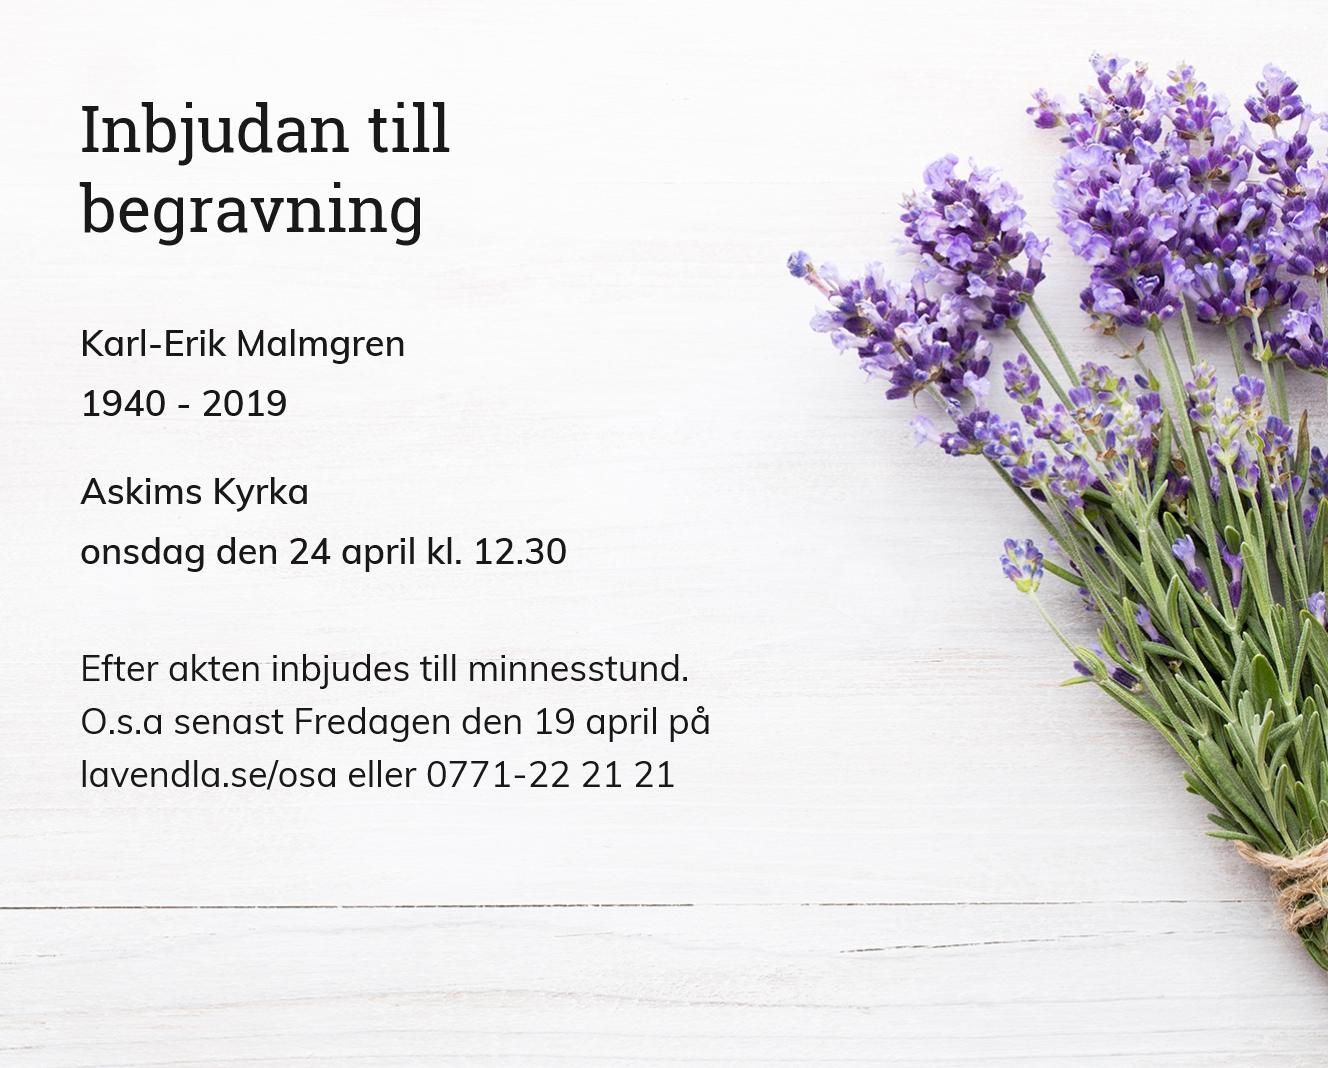 Inbjudningskort till ceremonin för Karl-Erik Malmgren